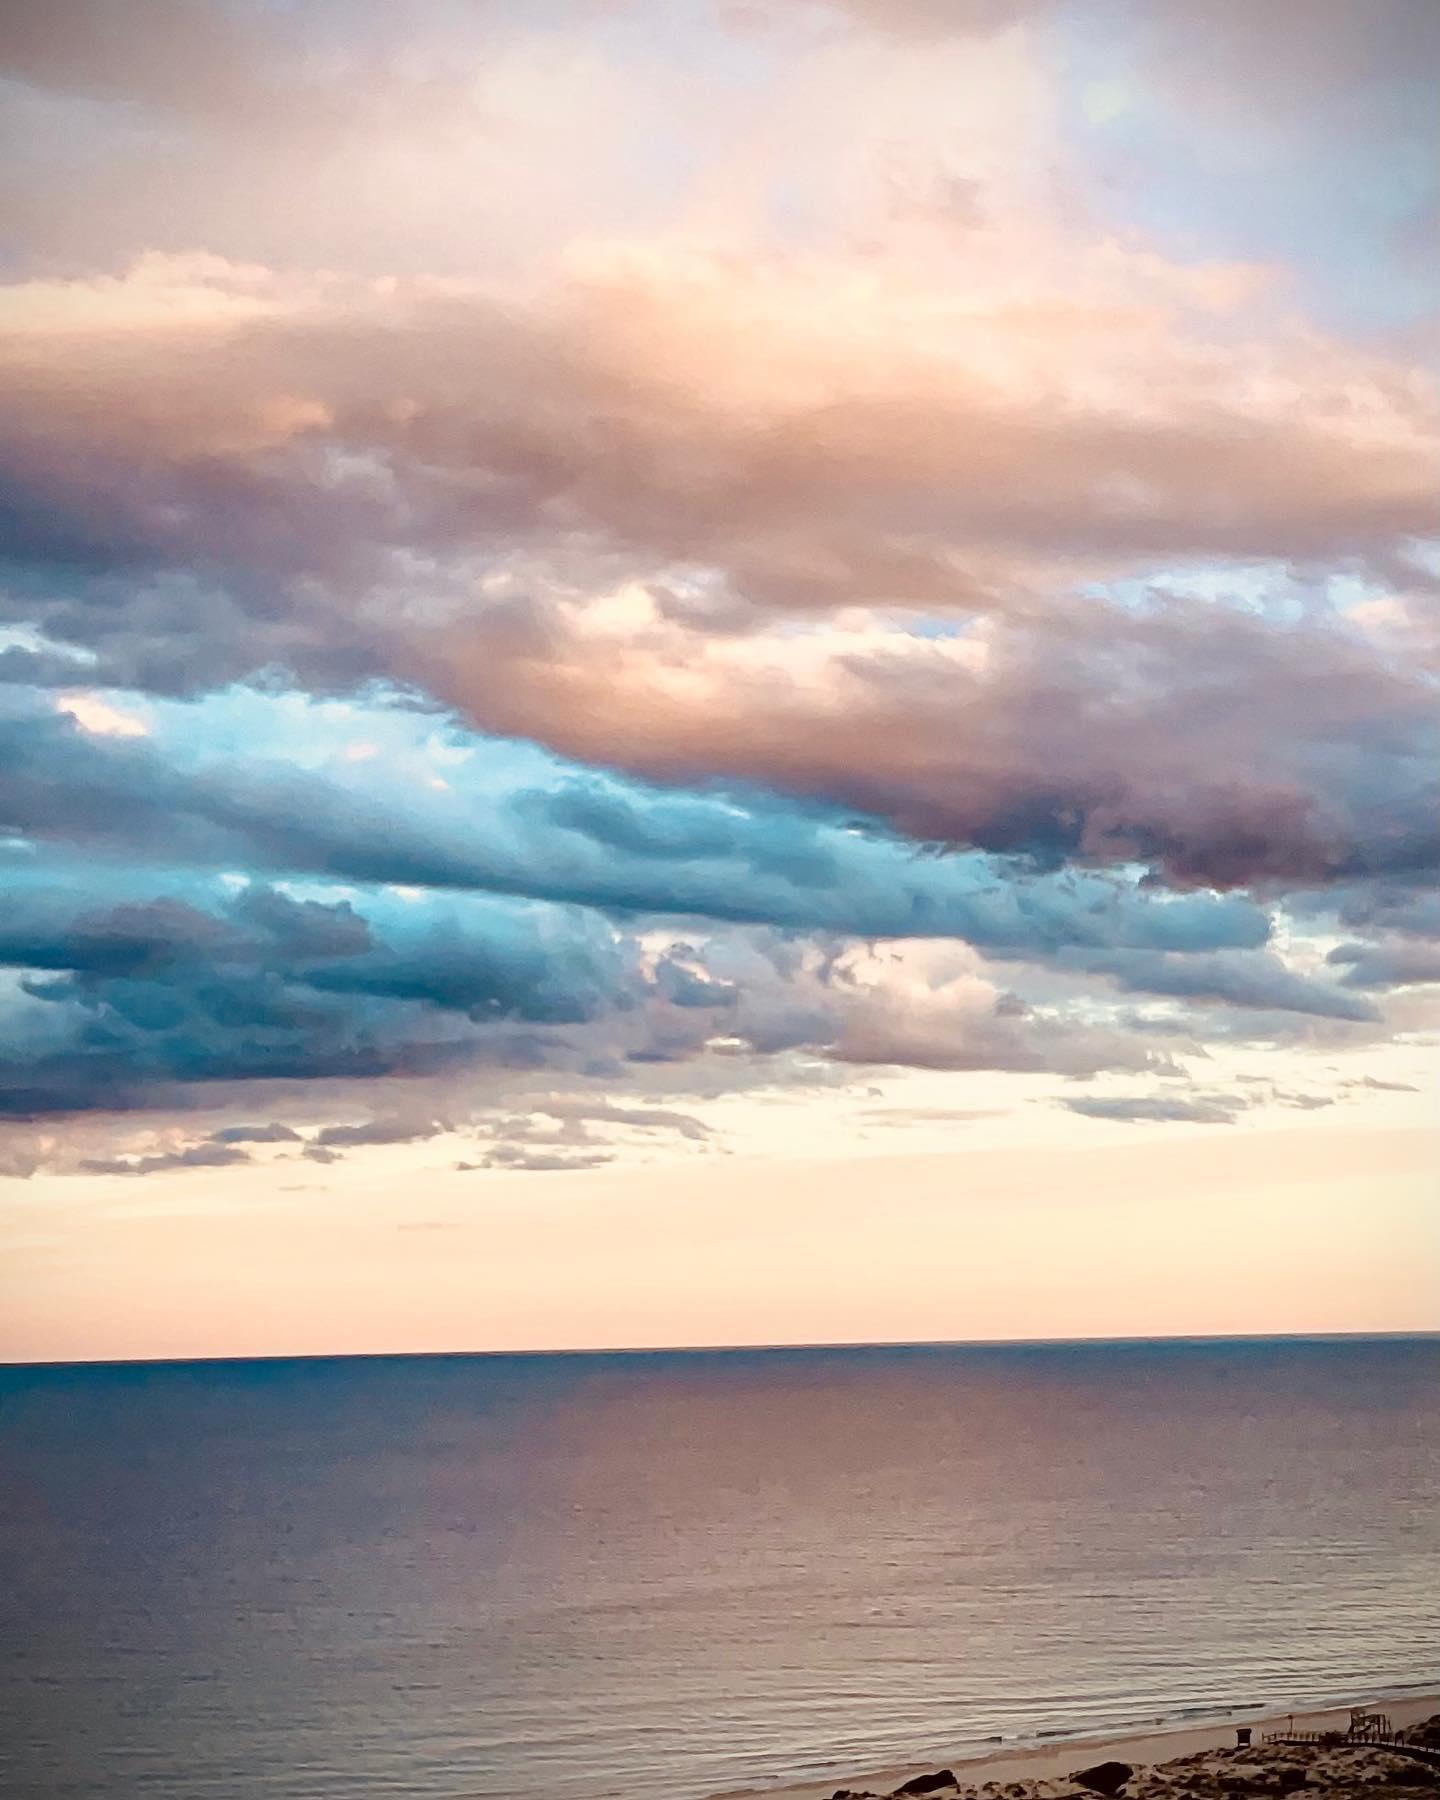 Takie niebo uchwyciłam w Hiszpanii. Najpiękniejsze kadry tworzy natura. Co za kolory!!!